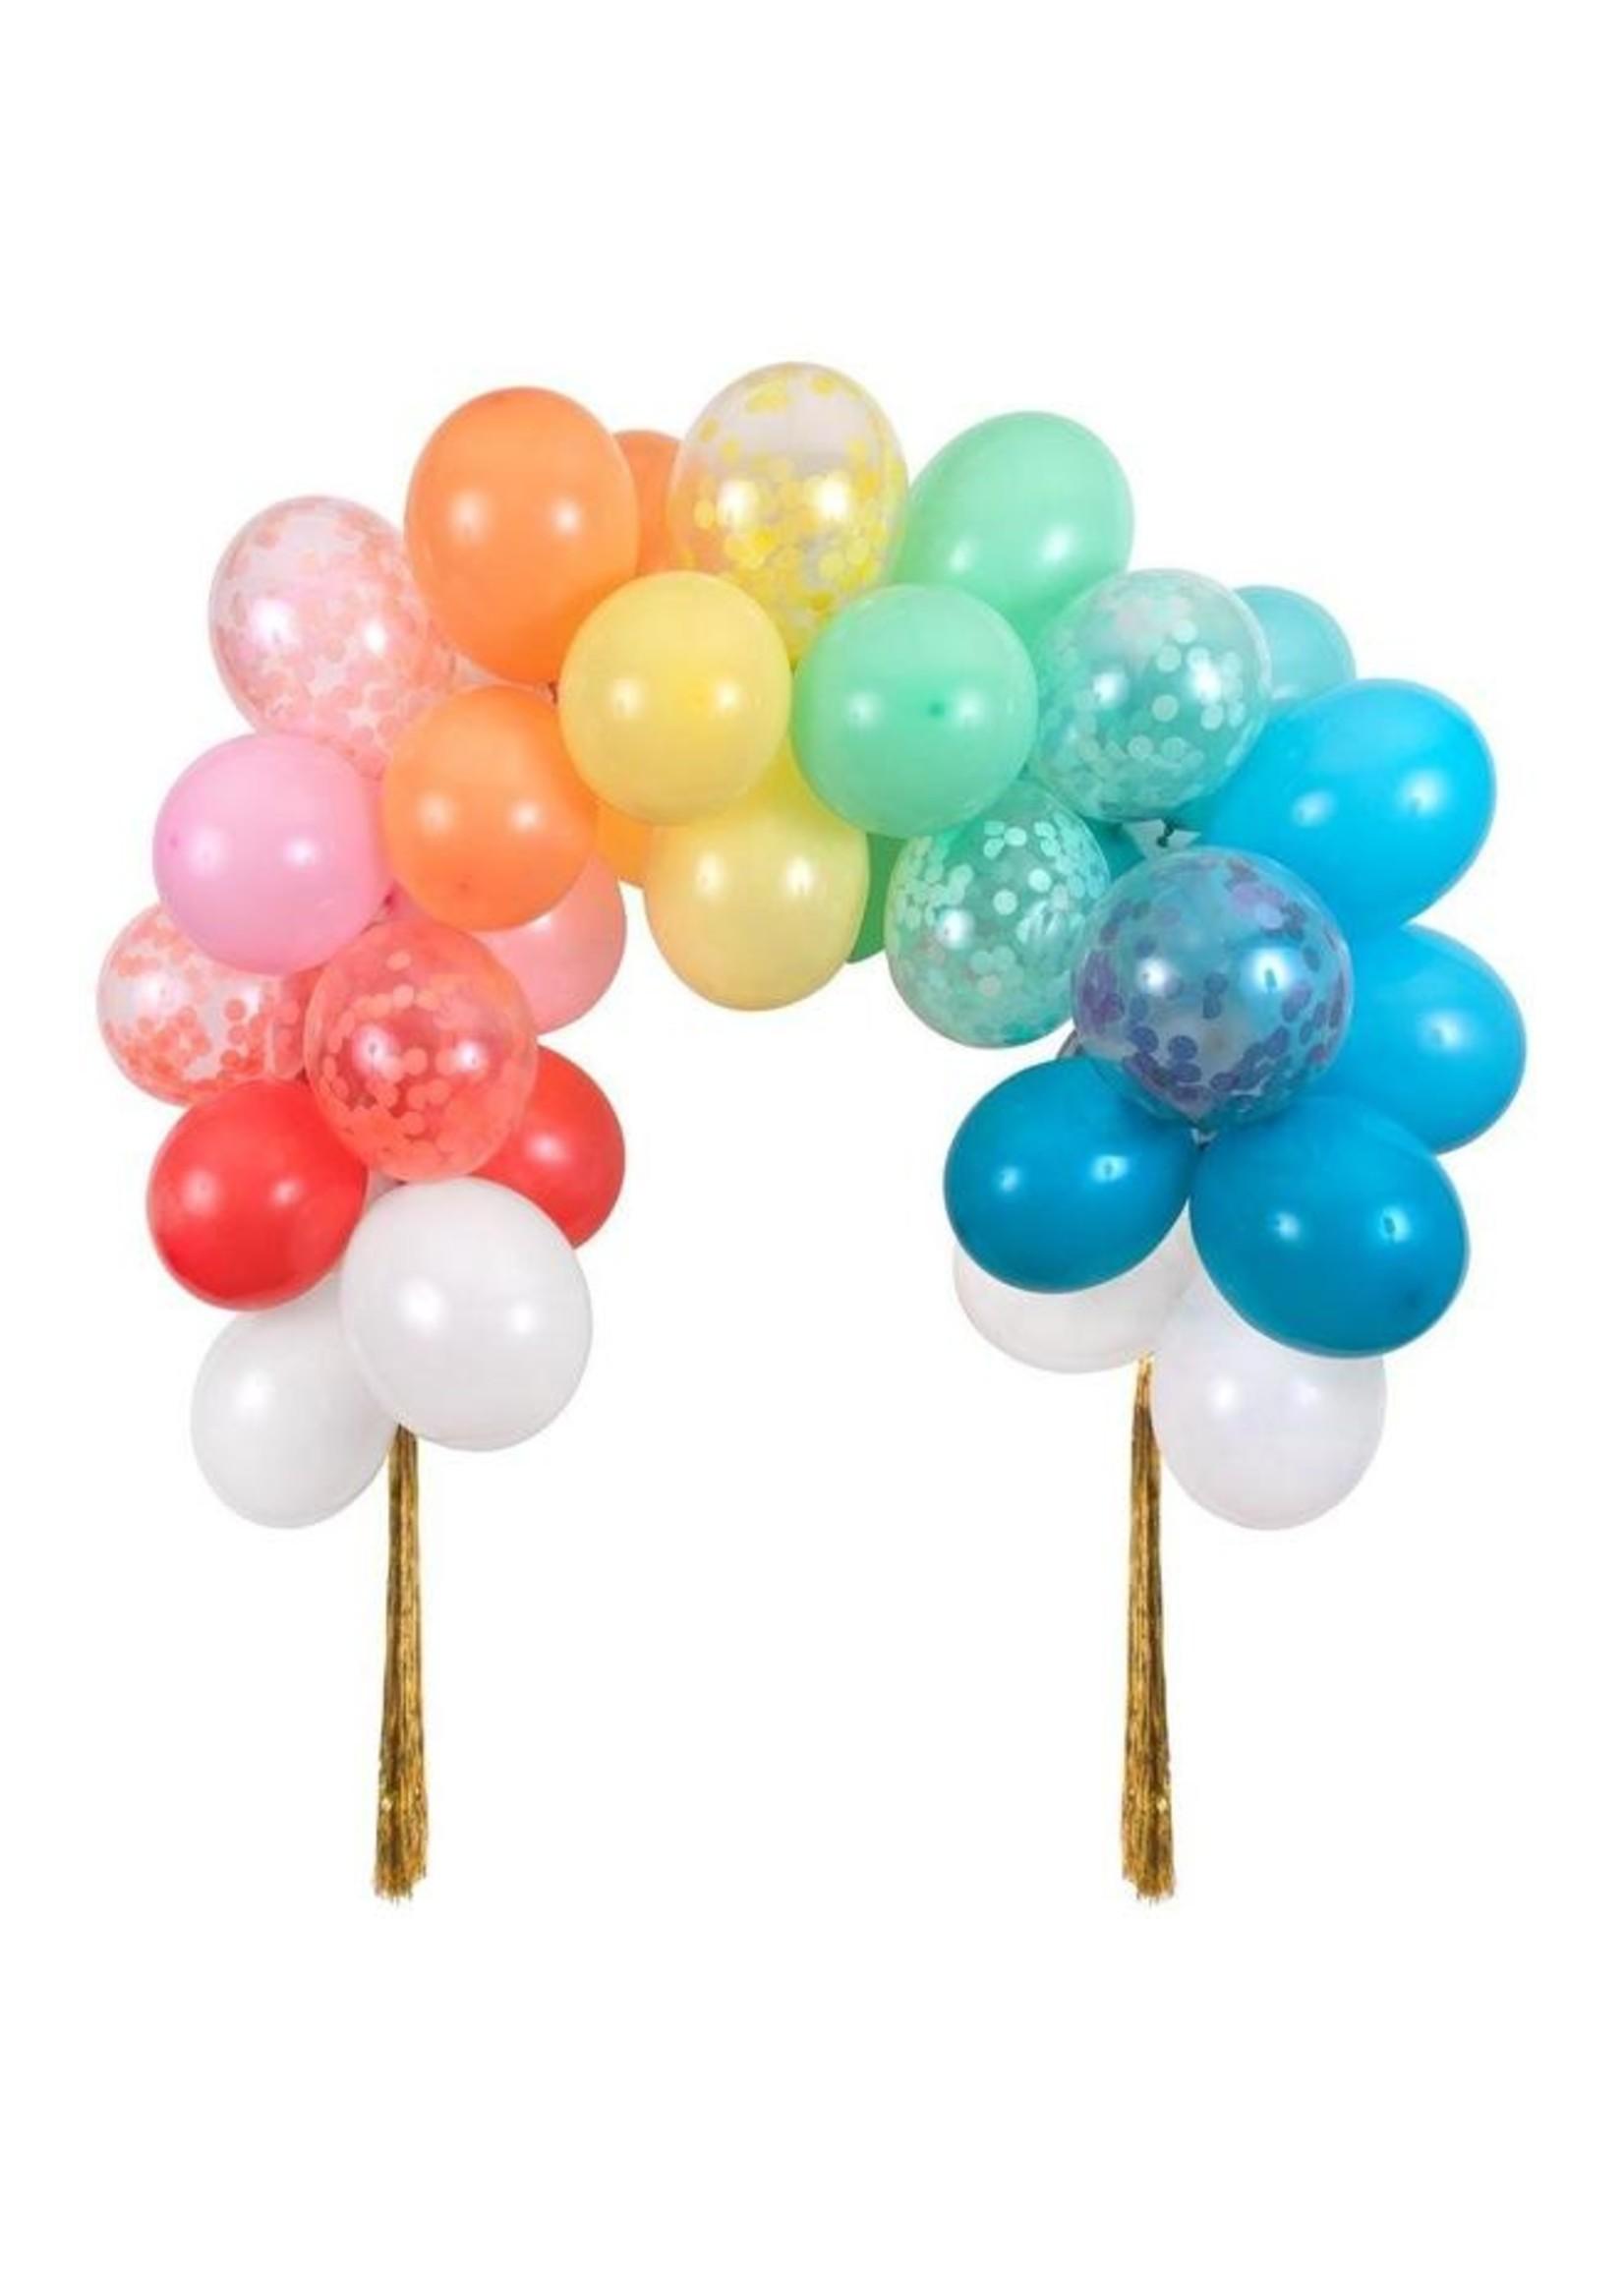 Rainbow Balloon Arch Kit